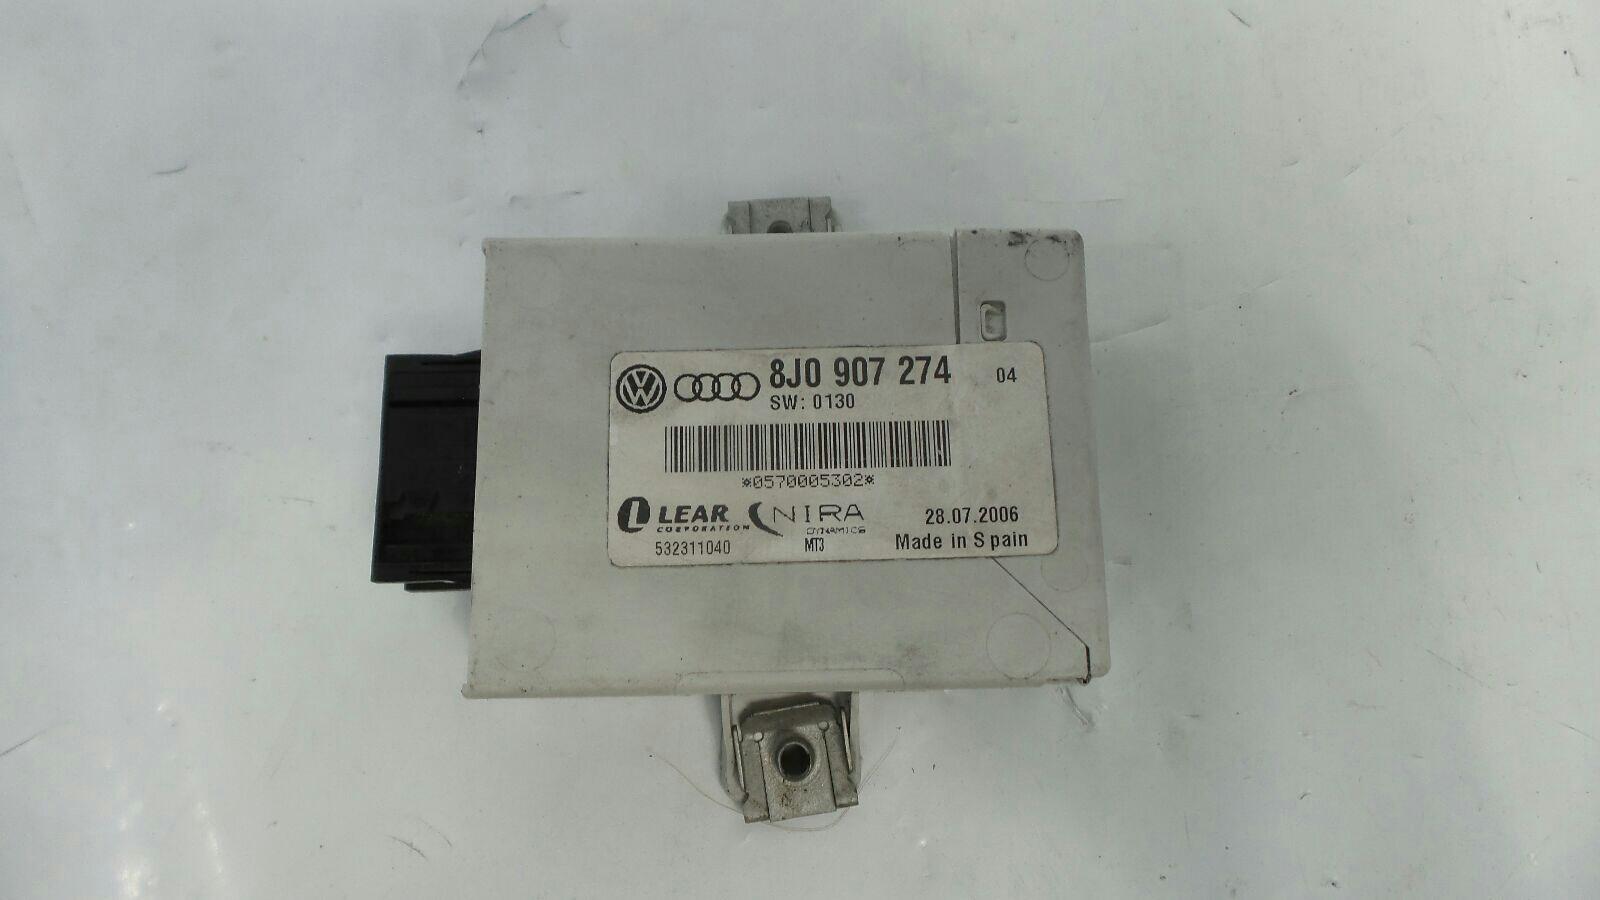 Audi TT 1999 To 2006 Quattro 4WD ECU Tyre Pressure Monitor